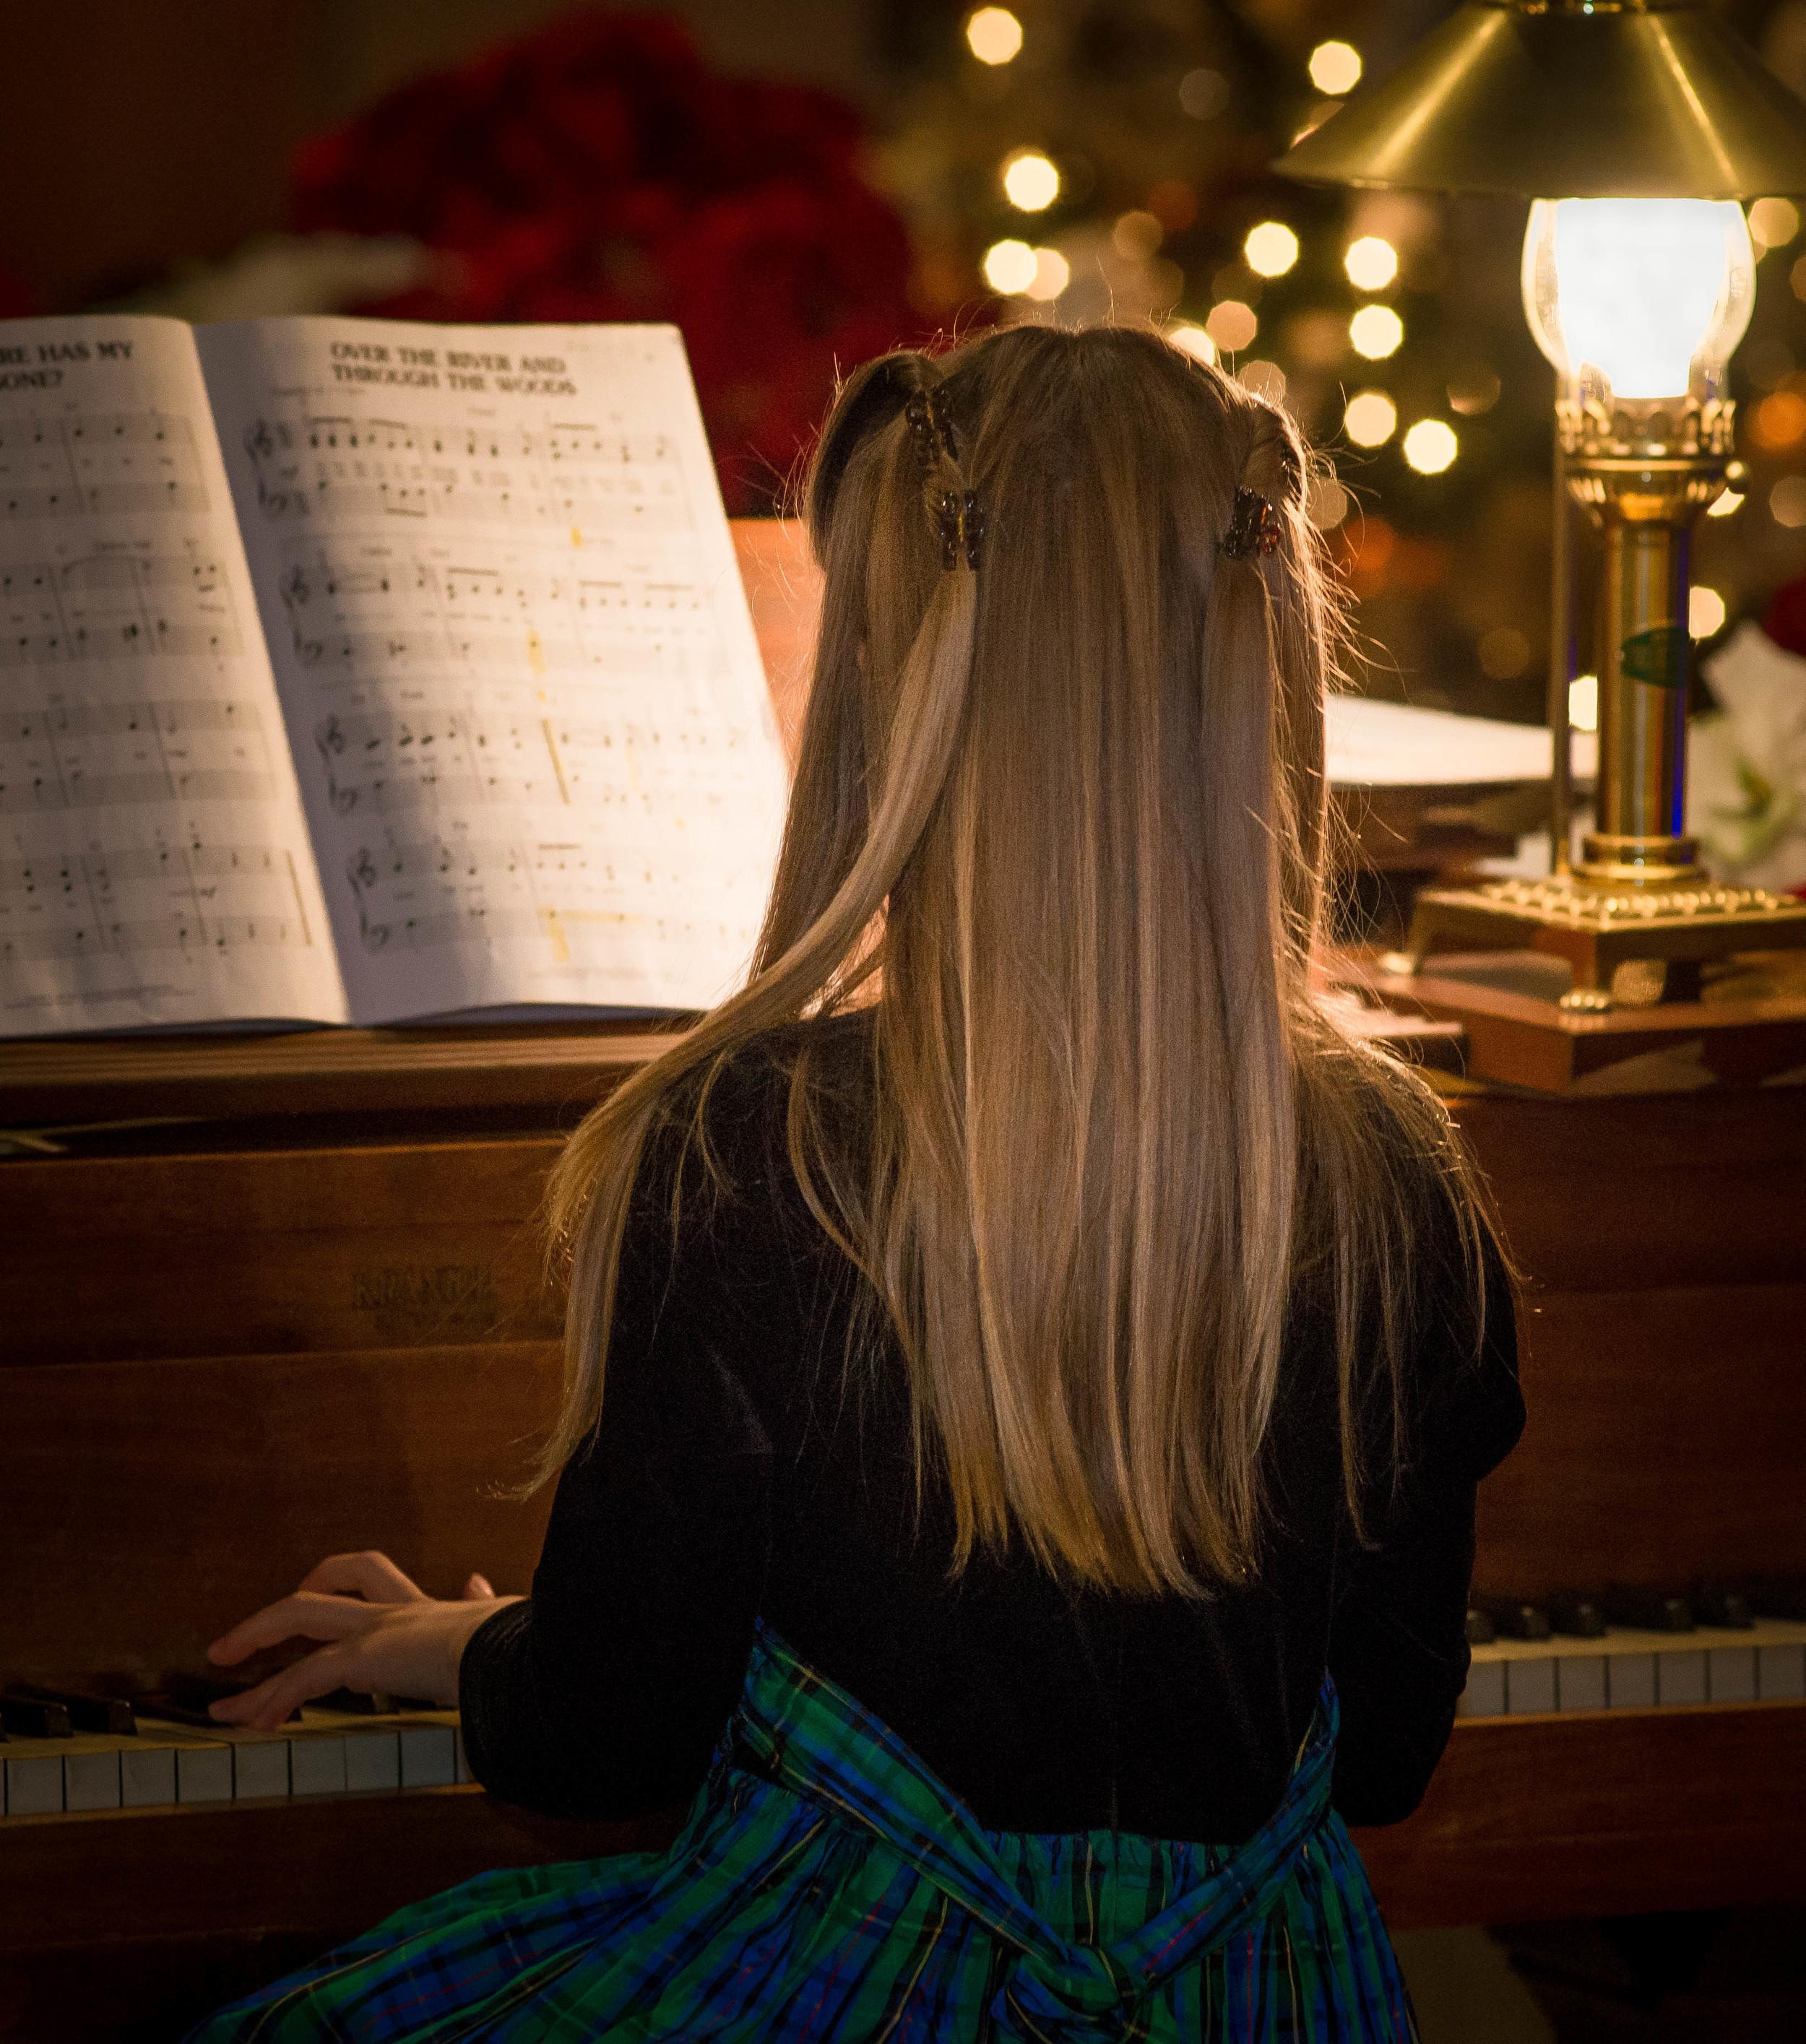 Student at Piano